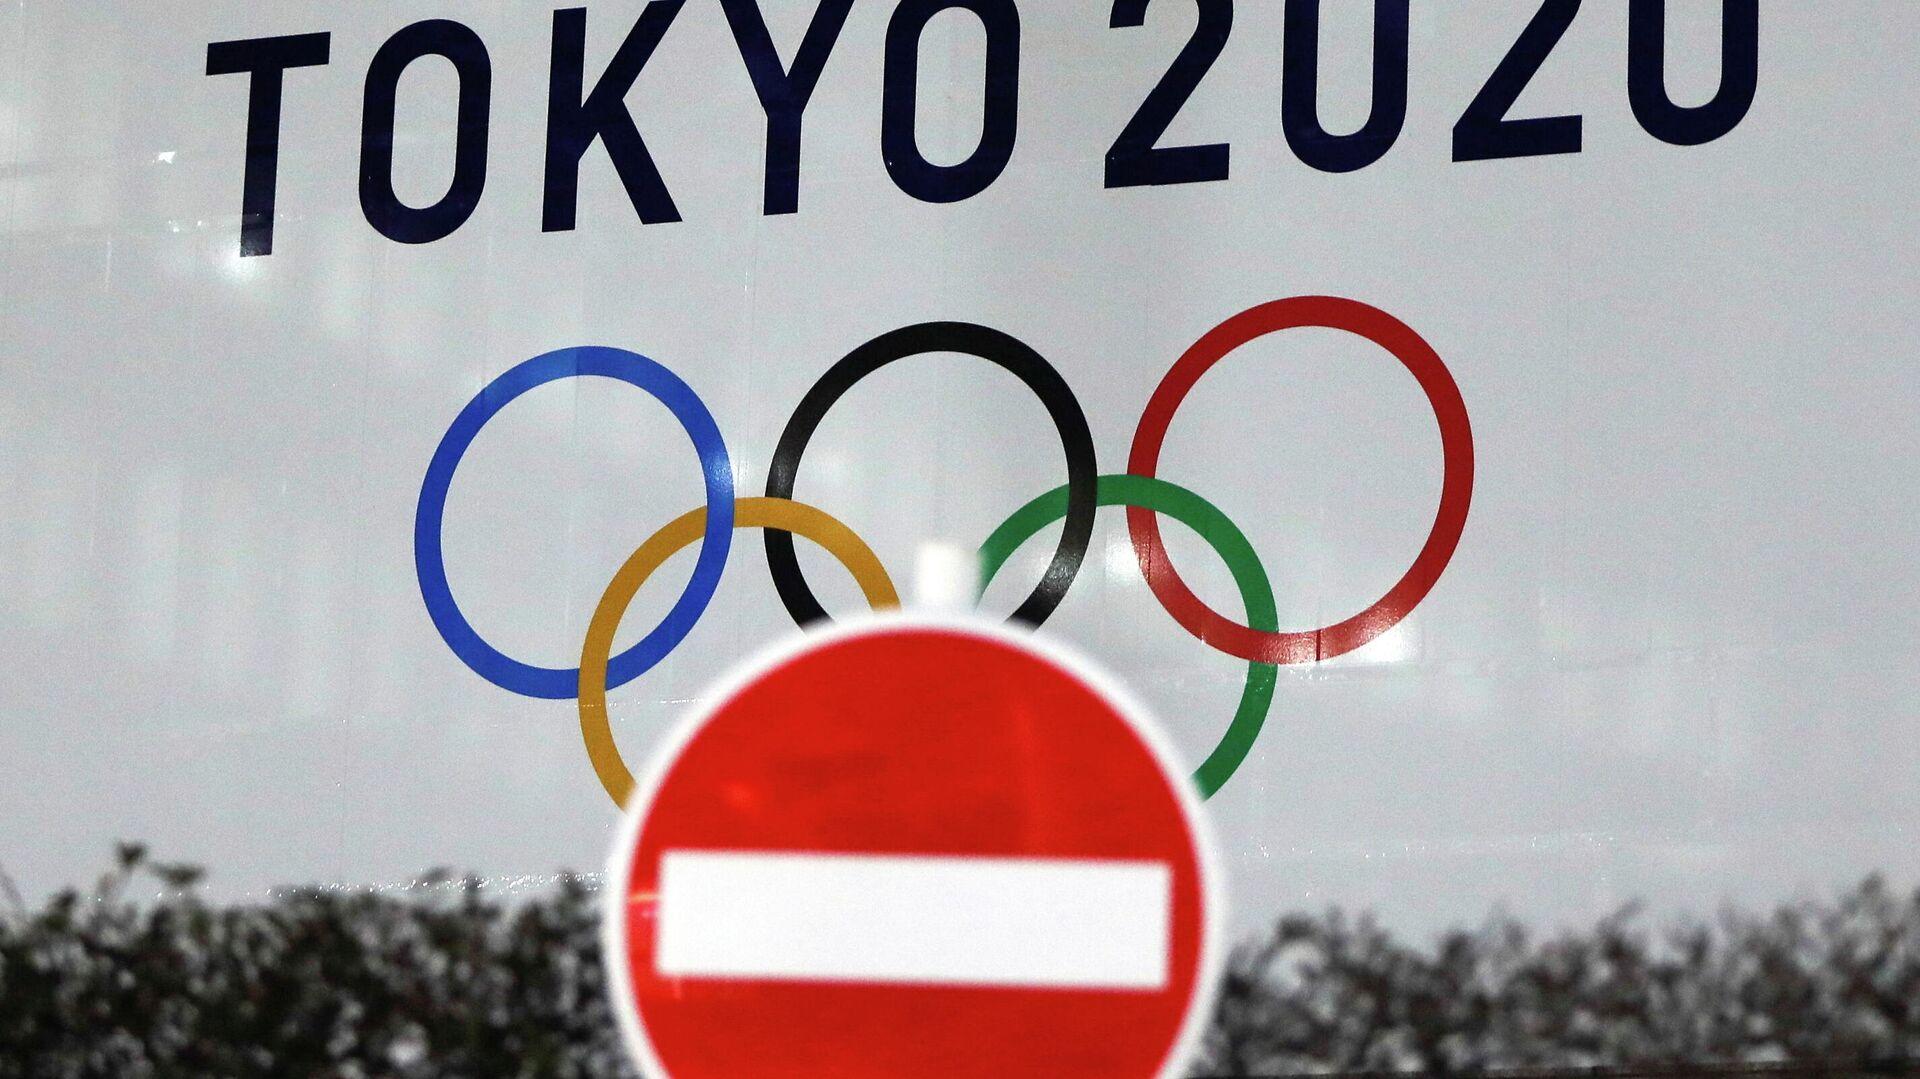 Logo de los Juegos Olímpicos de Tokio 2020 - Sputnik Mundo, 1920, 21.06.2021